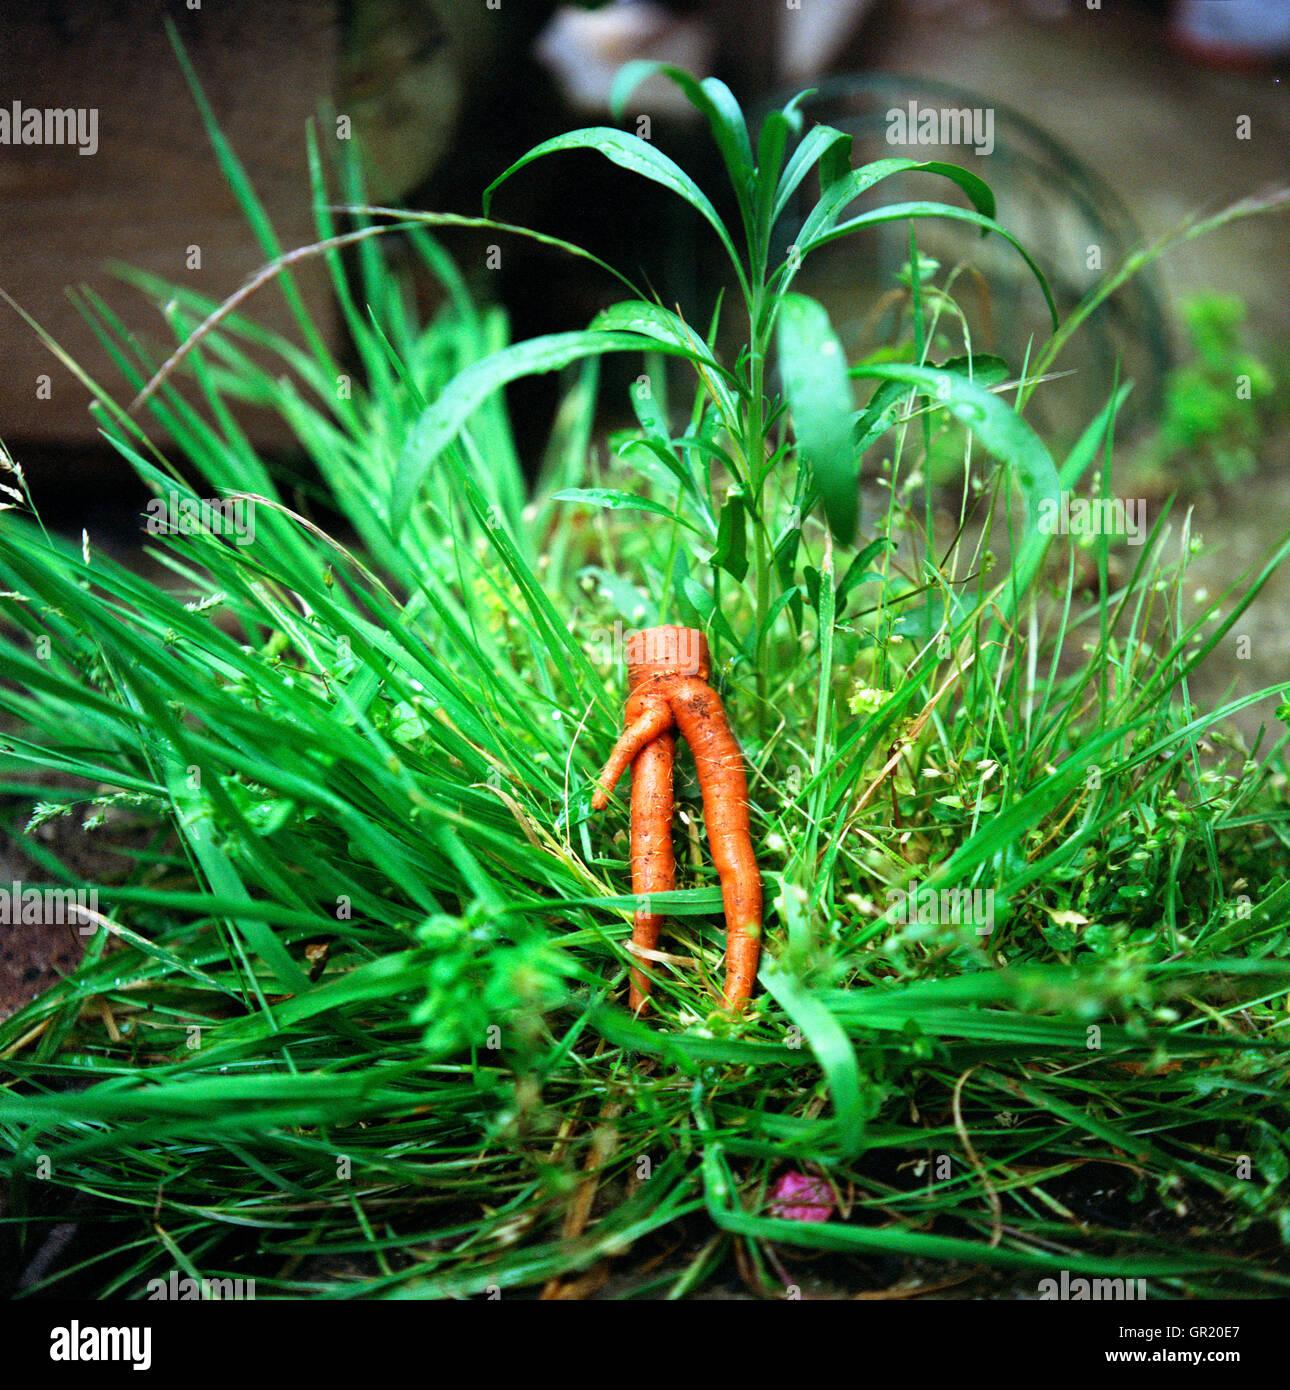 Komödie rohen Karotten. Zu Hause angebaut. Quadratische Bild Karotte ist sehr orange gegen eine sehr grüne Tussock Stockfoto